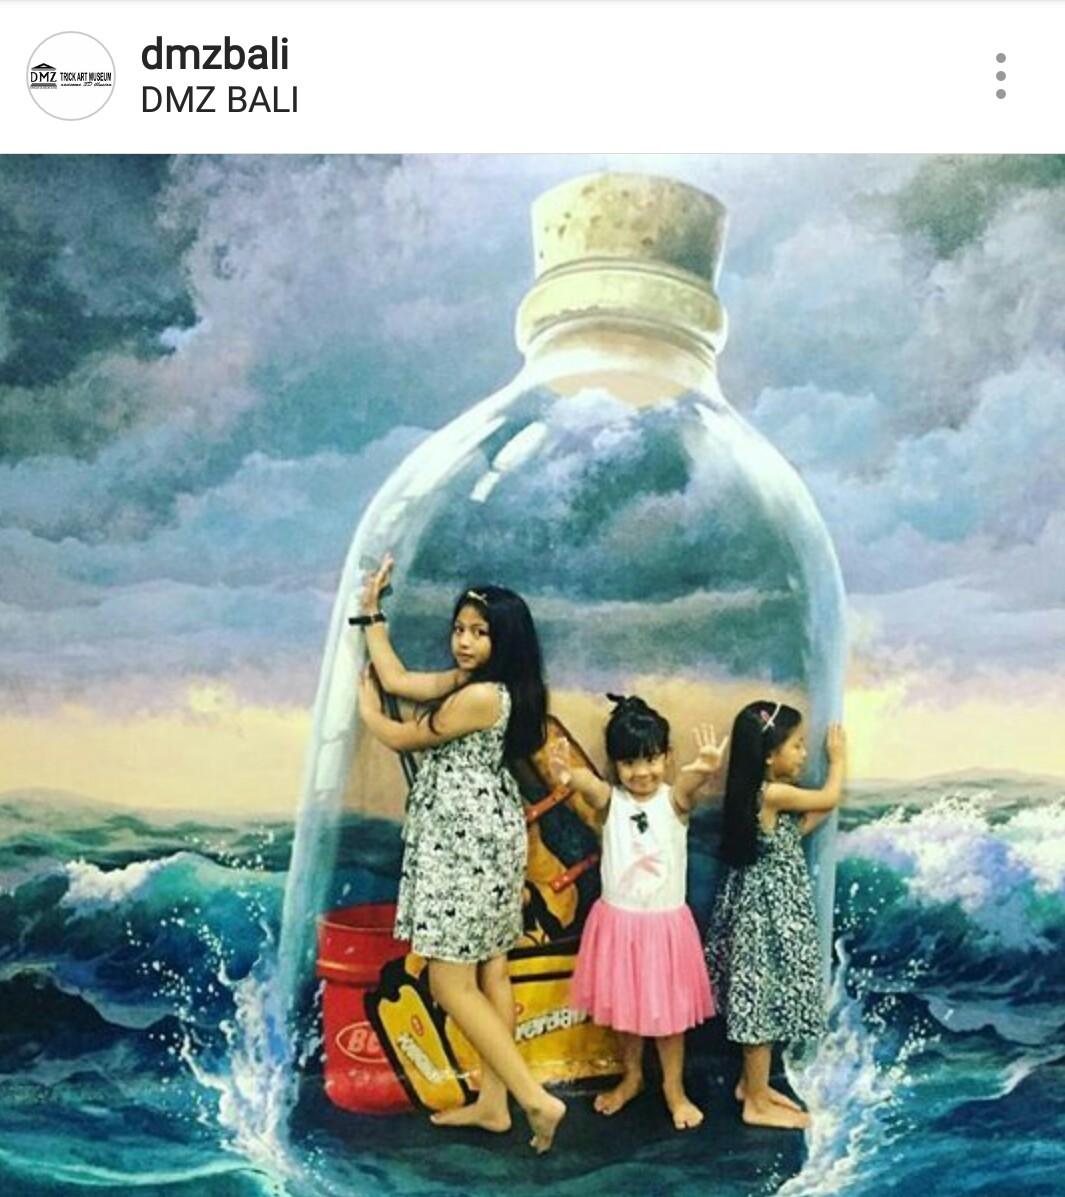 Dmz Bali E Ticket Daftar Harga Terkini Dan Terlengkap Mvb Ctcsc 2018 Regular La Review